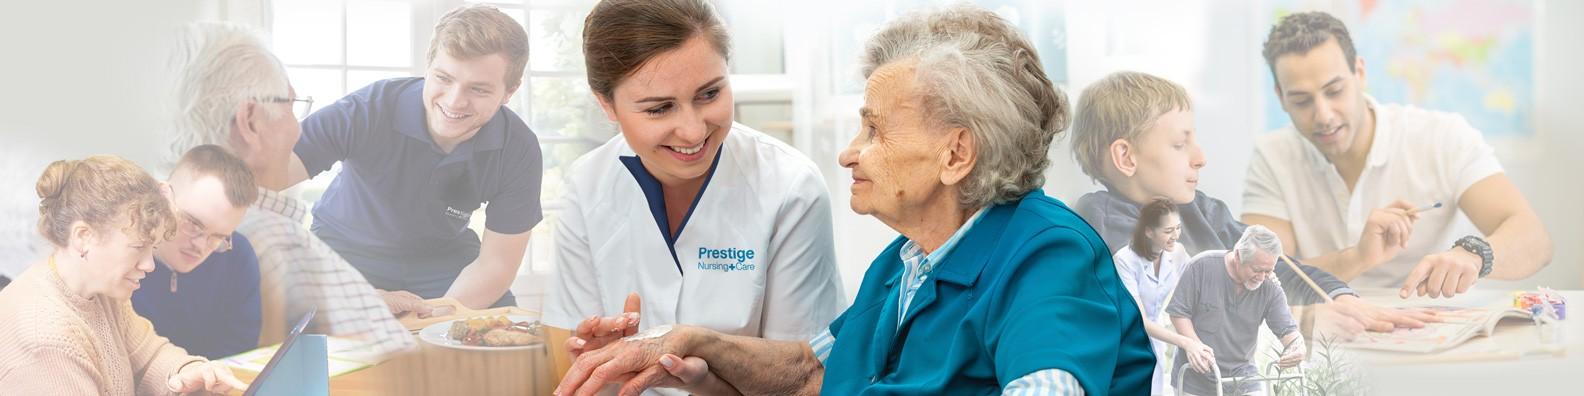 Prestige Nursing Care Linkedin